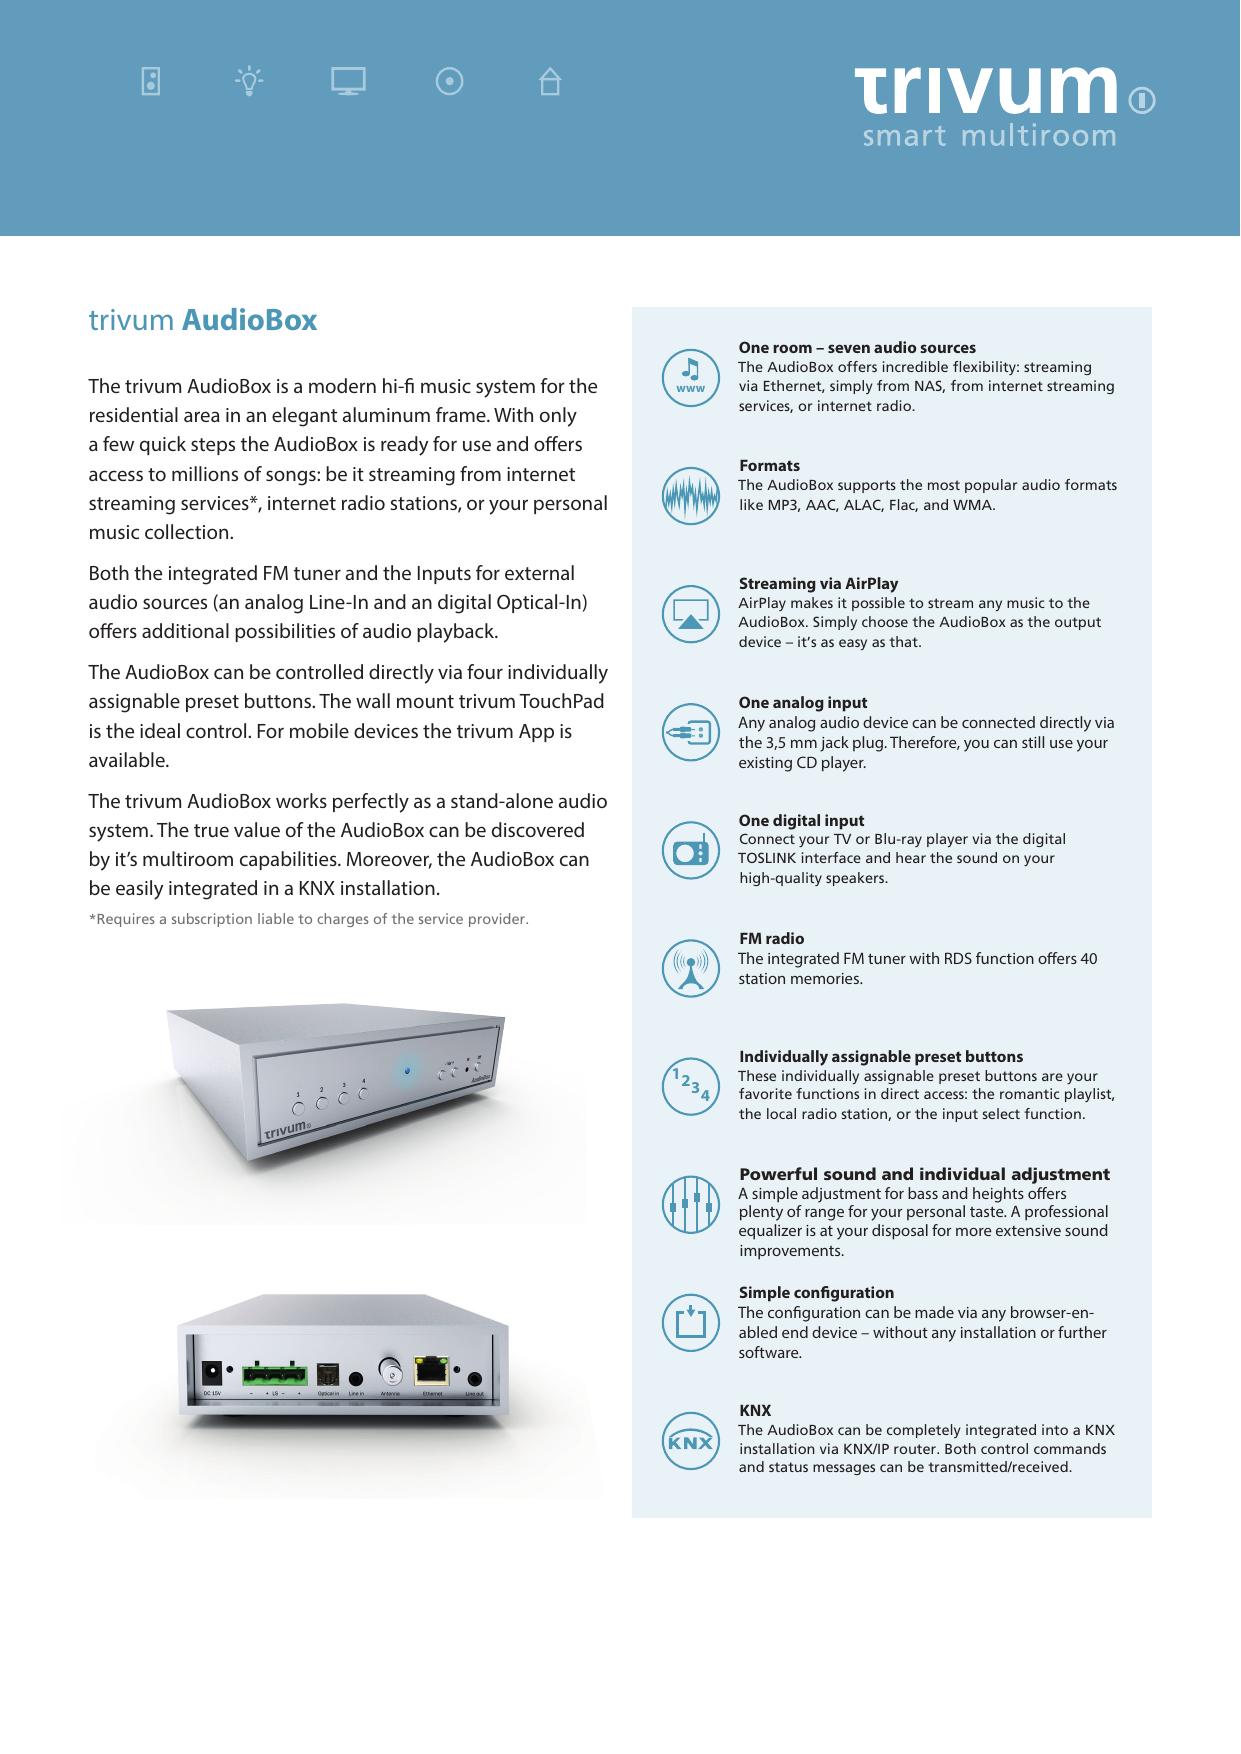 trivum AudioBox - ergodownload com | manualzz com